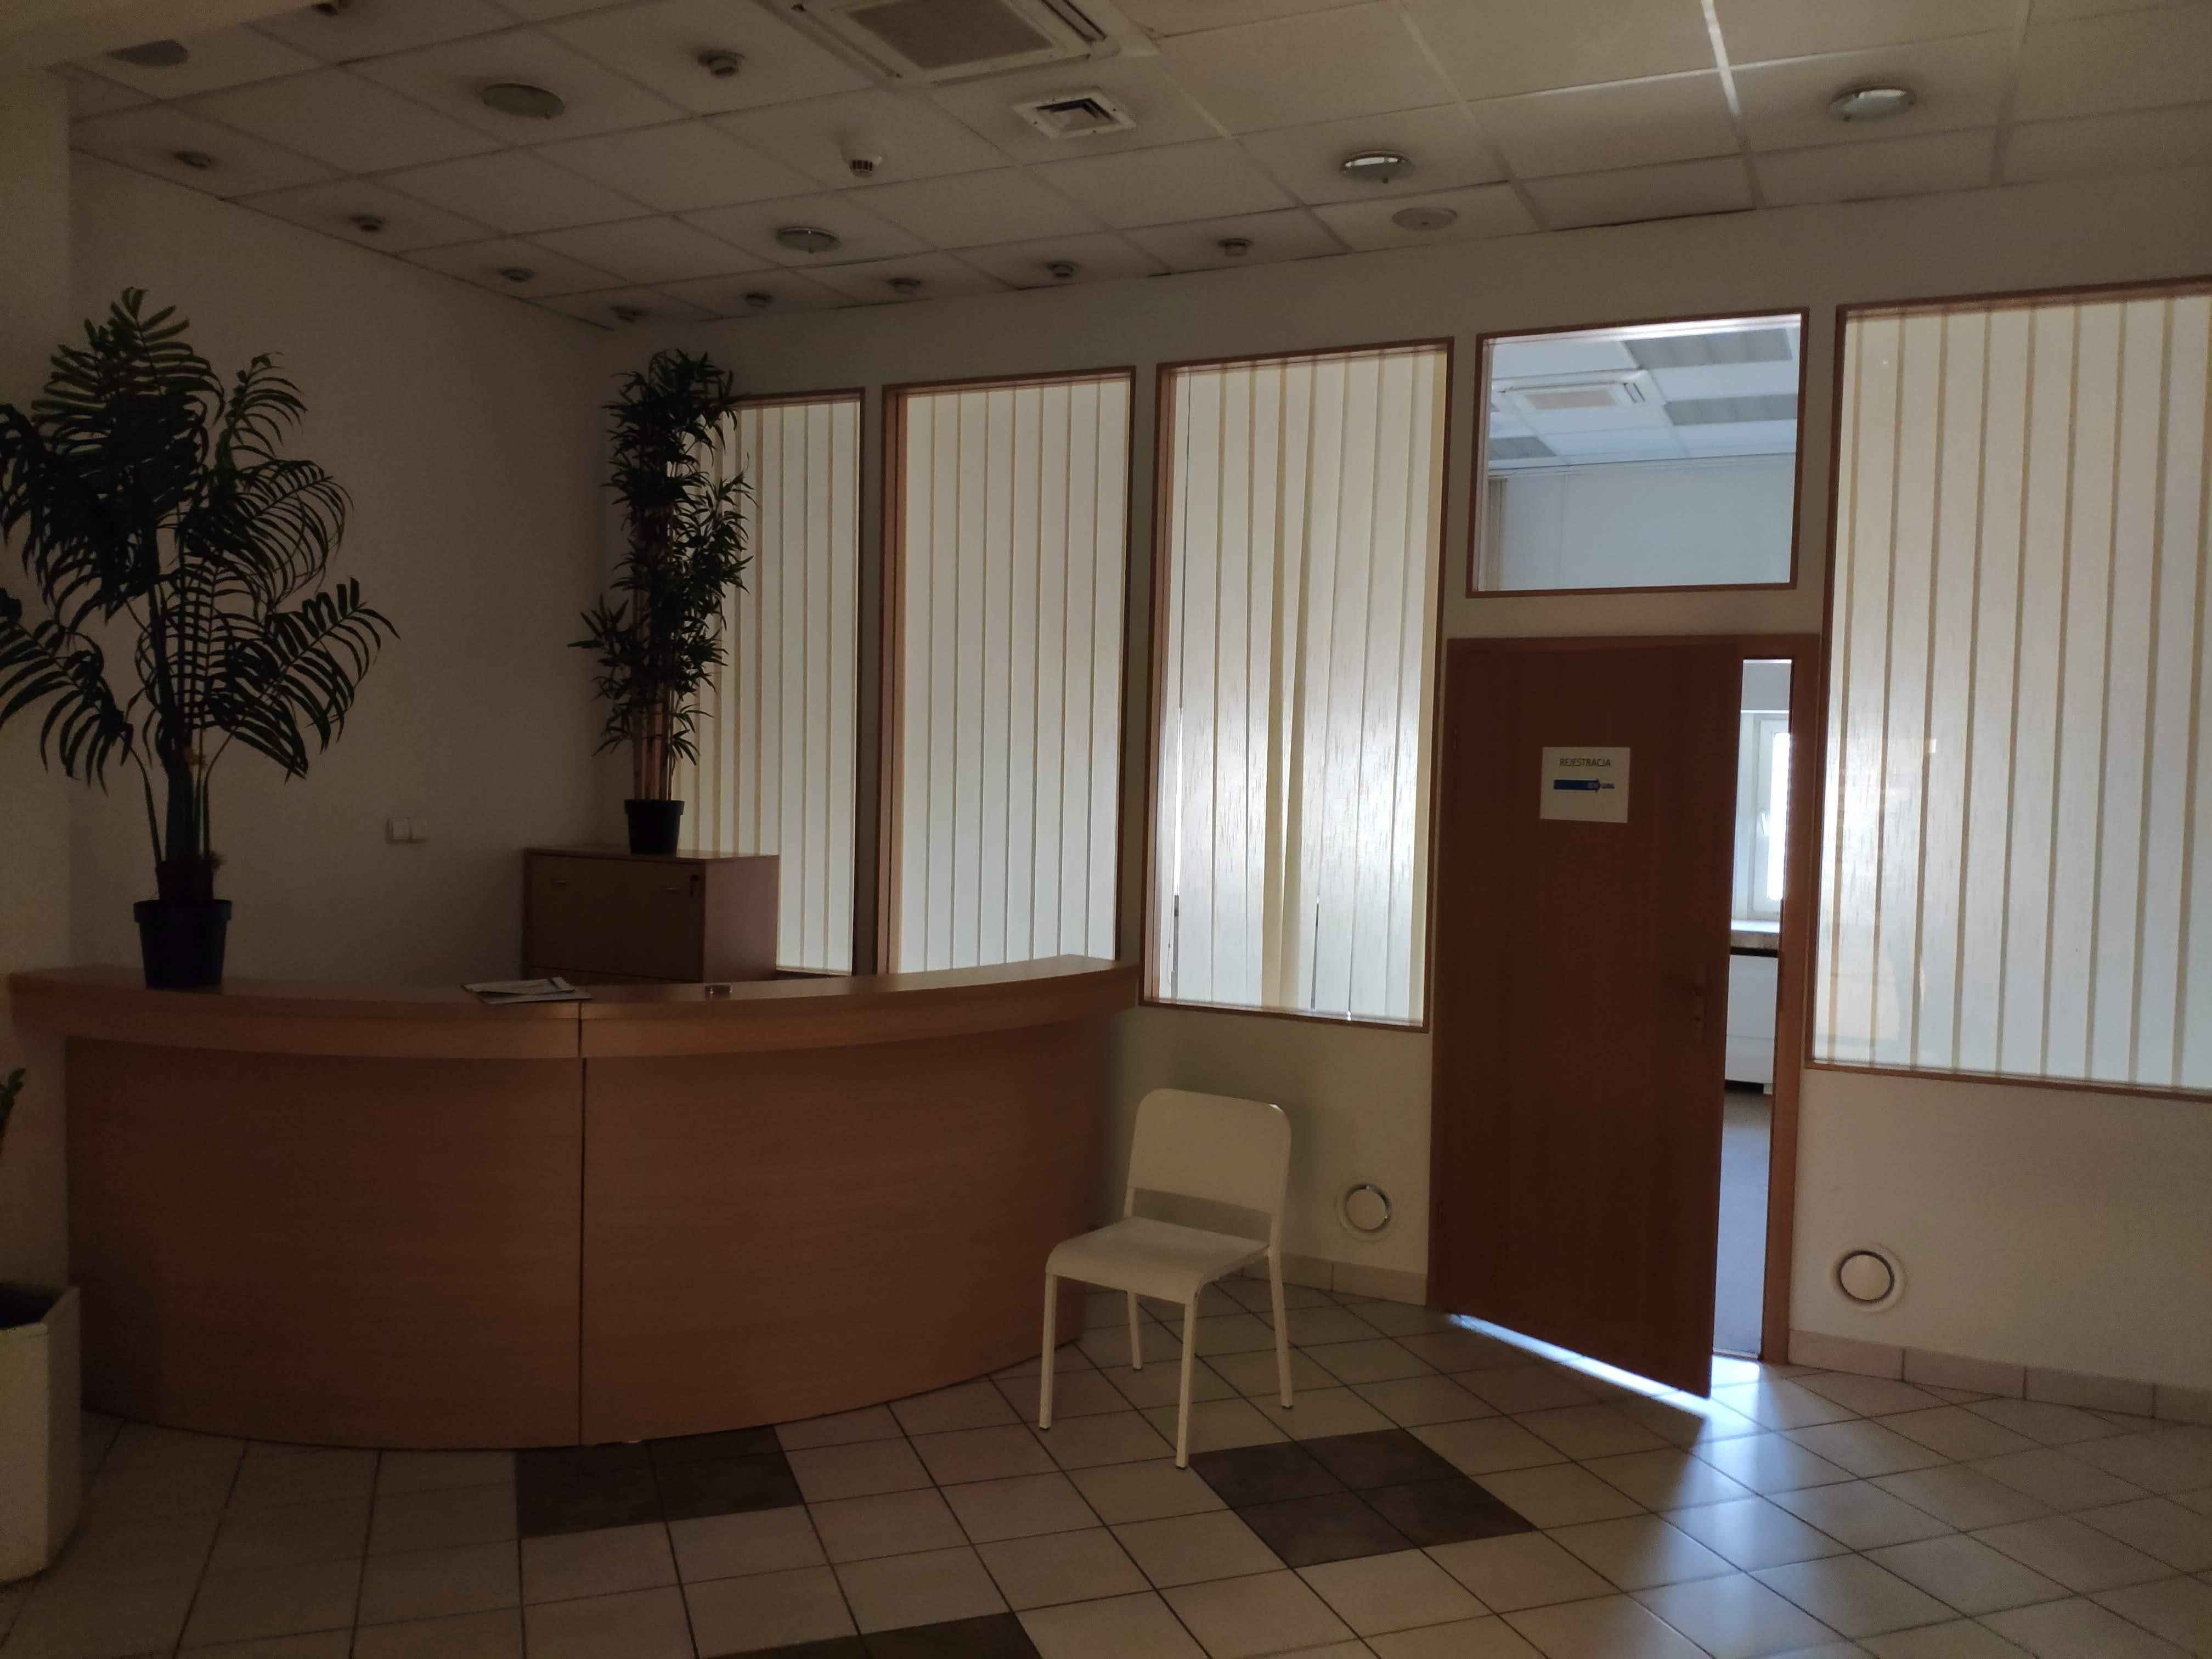 Atrium PROMENADA - zdjęcie 2